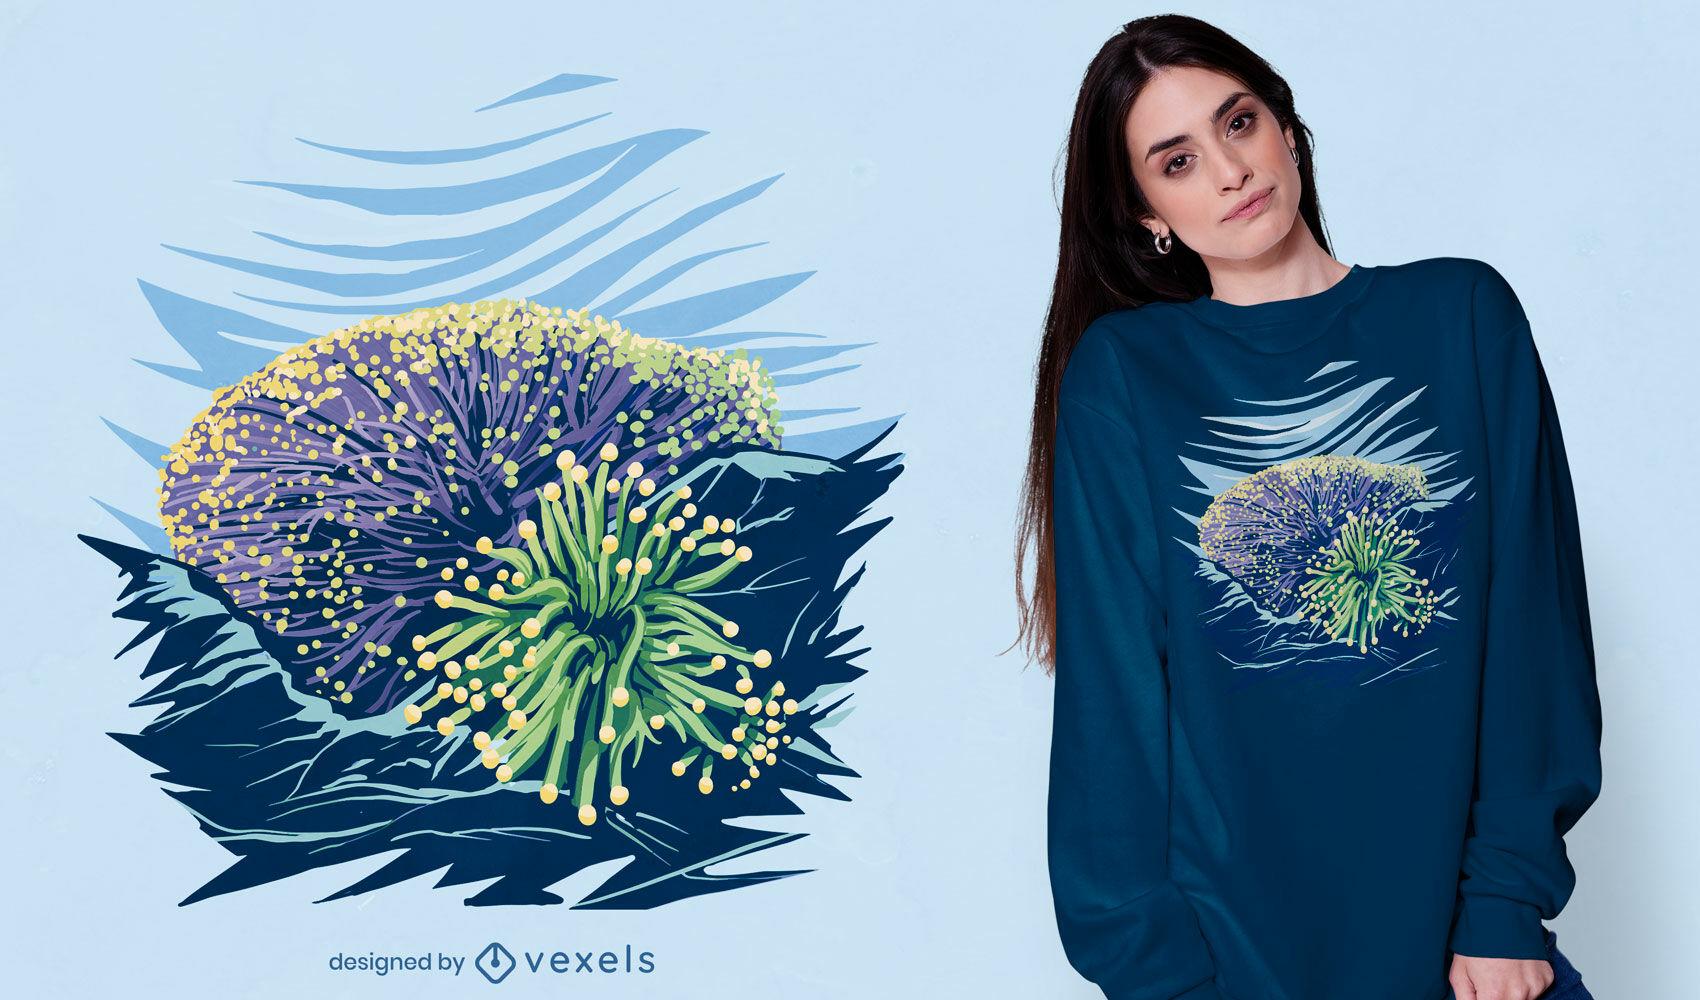 Coral reef ocean nature t-shirt design